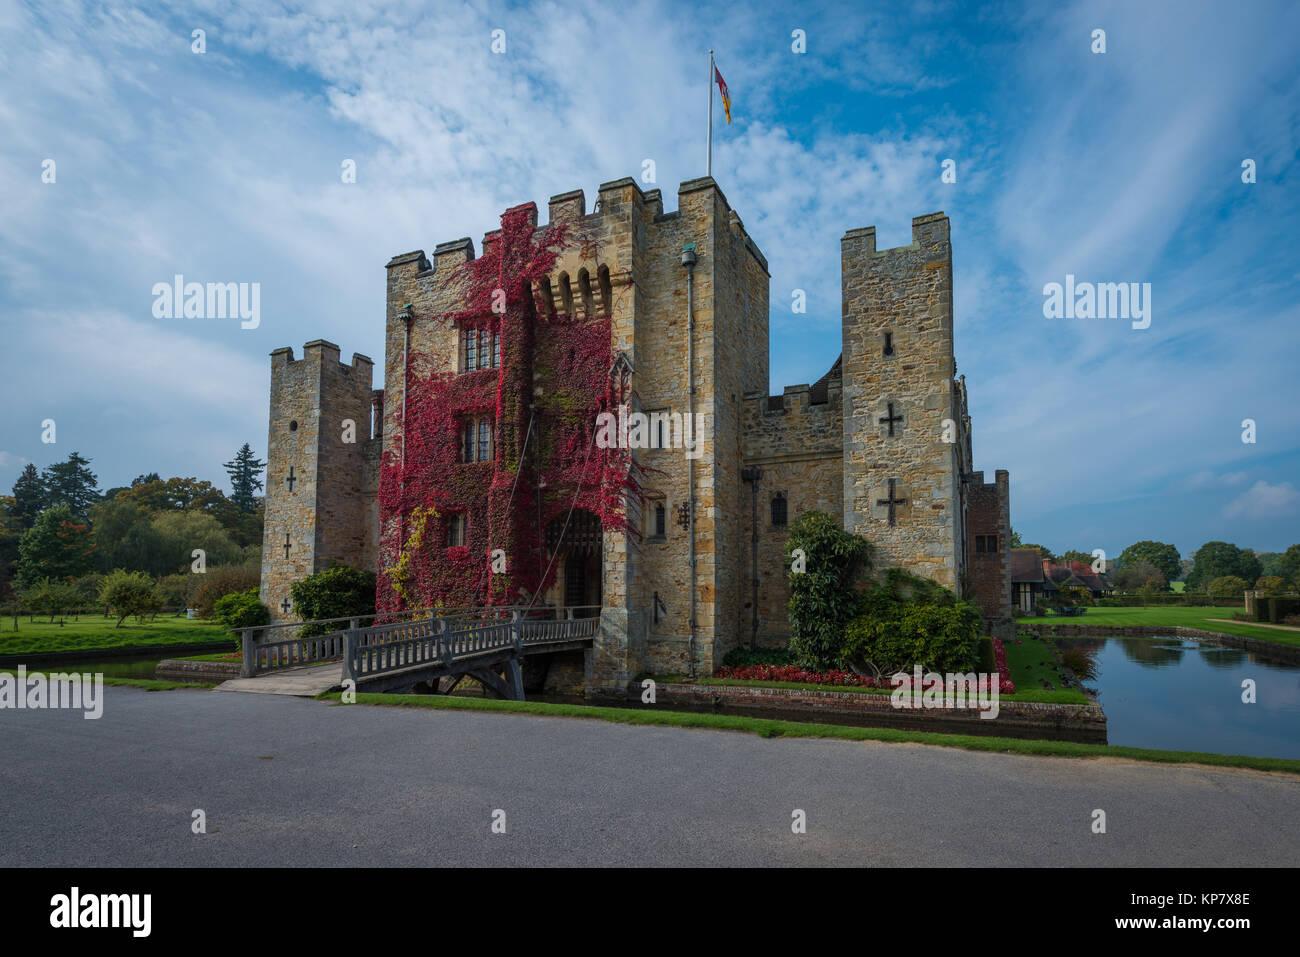 Hever Castle in der Nähe von Edenbridge, dem Sitz der Familie Boleyn, Kent, Vereinigtes Königreich Stockbild